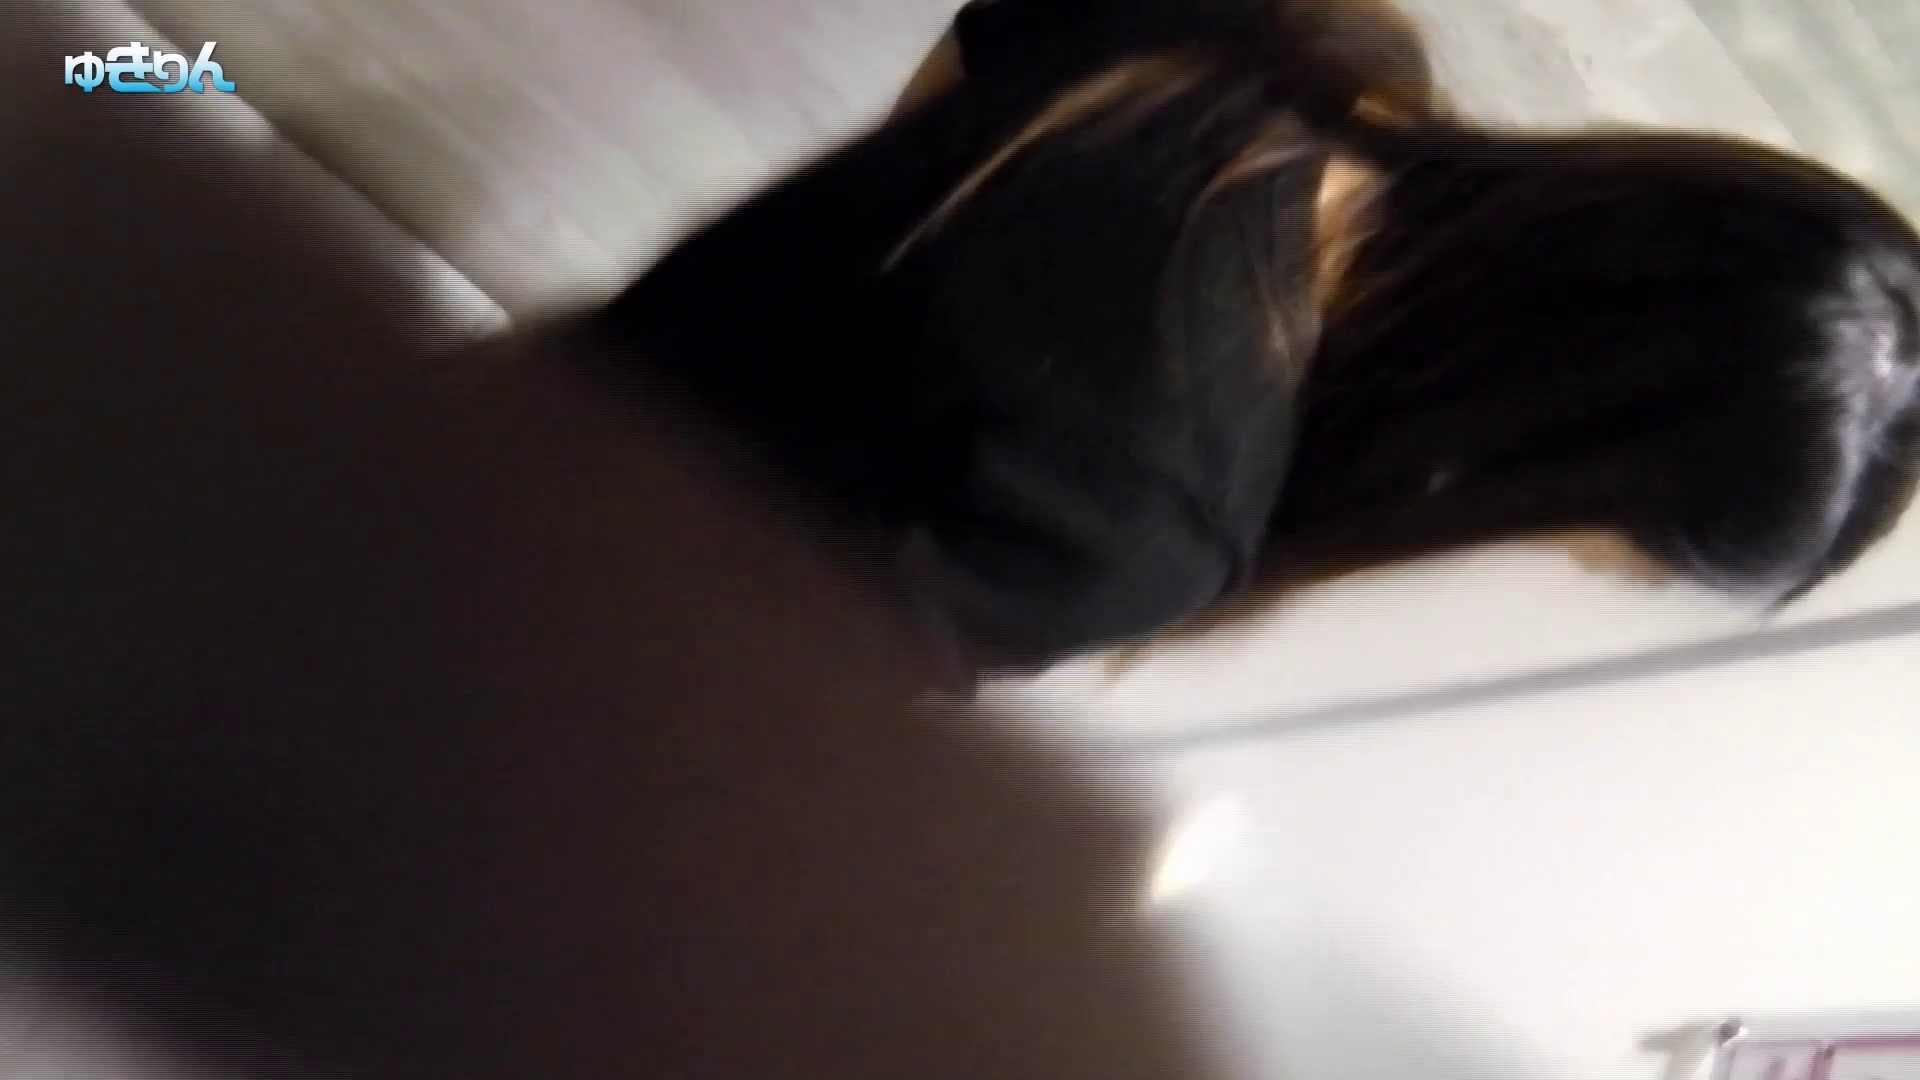 新世界の射窓 No82 新たな場所への挑戦、思わぬ、美女が隣に入ってくれた。 洗面所  78pic 39